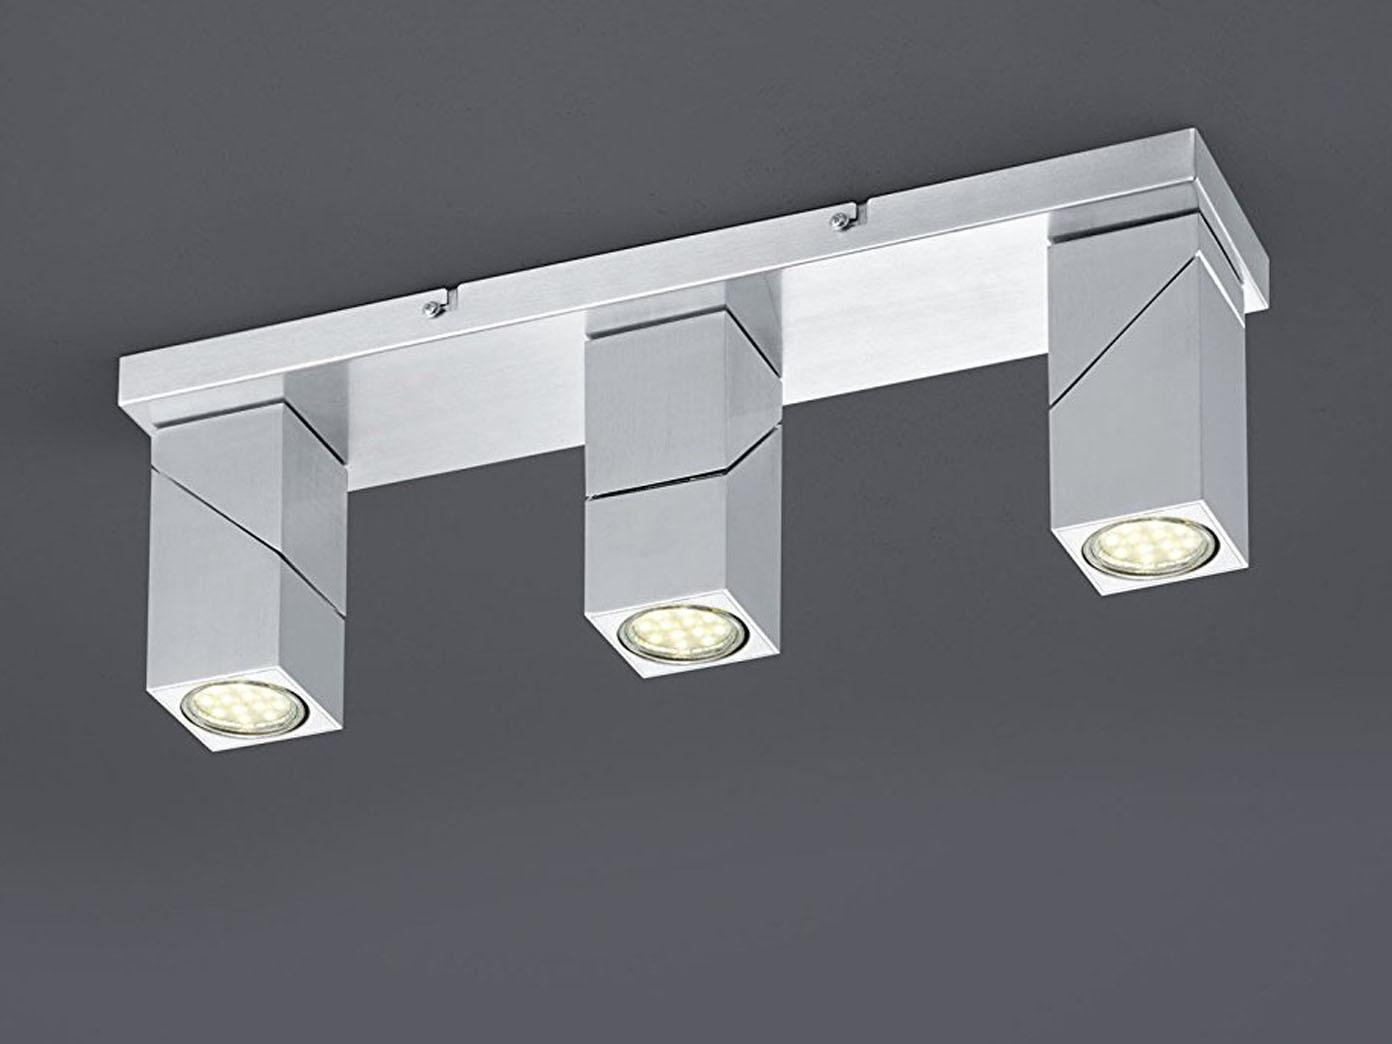 Deckenlampen & Kronleuchter Deckenspot Deckenlampe Deckenleuchte Wandlampe Deckenstrahler Lampe Bad Küche So Effektiv Wie Eine Fee Büro & Schreibwaren